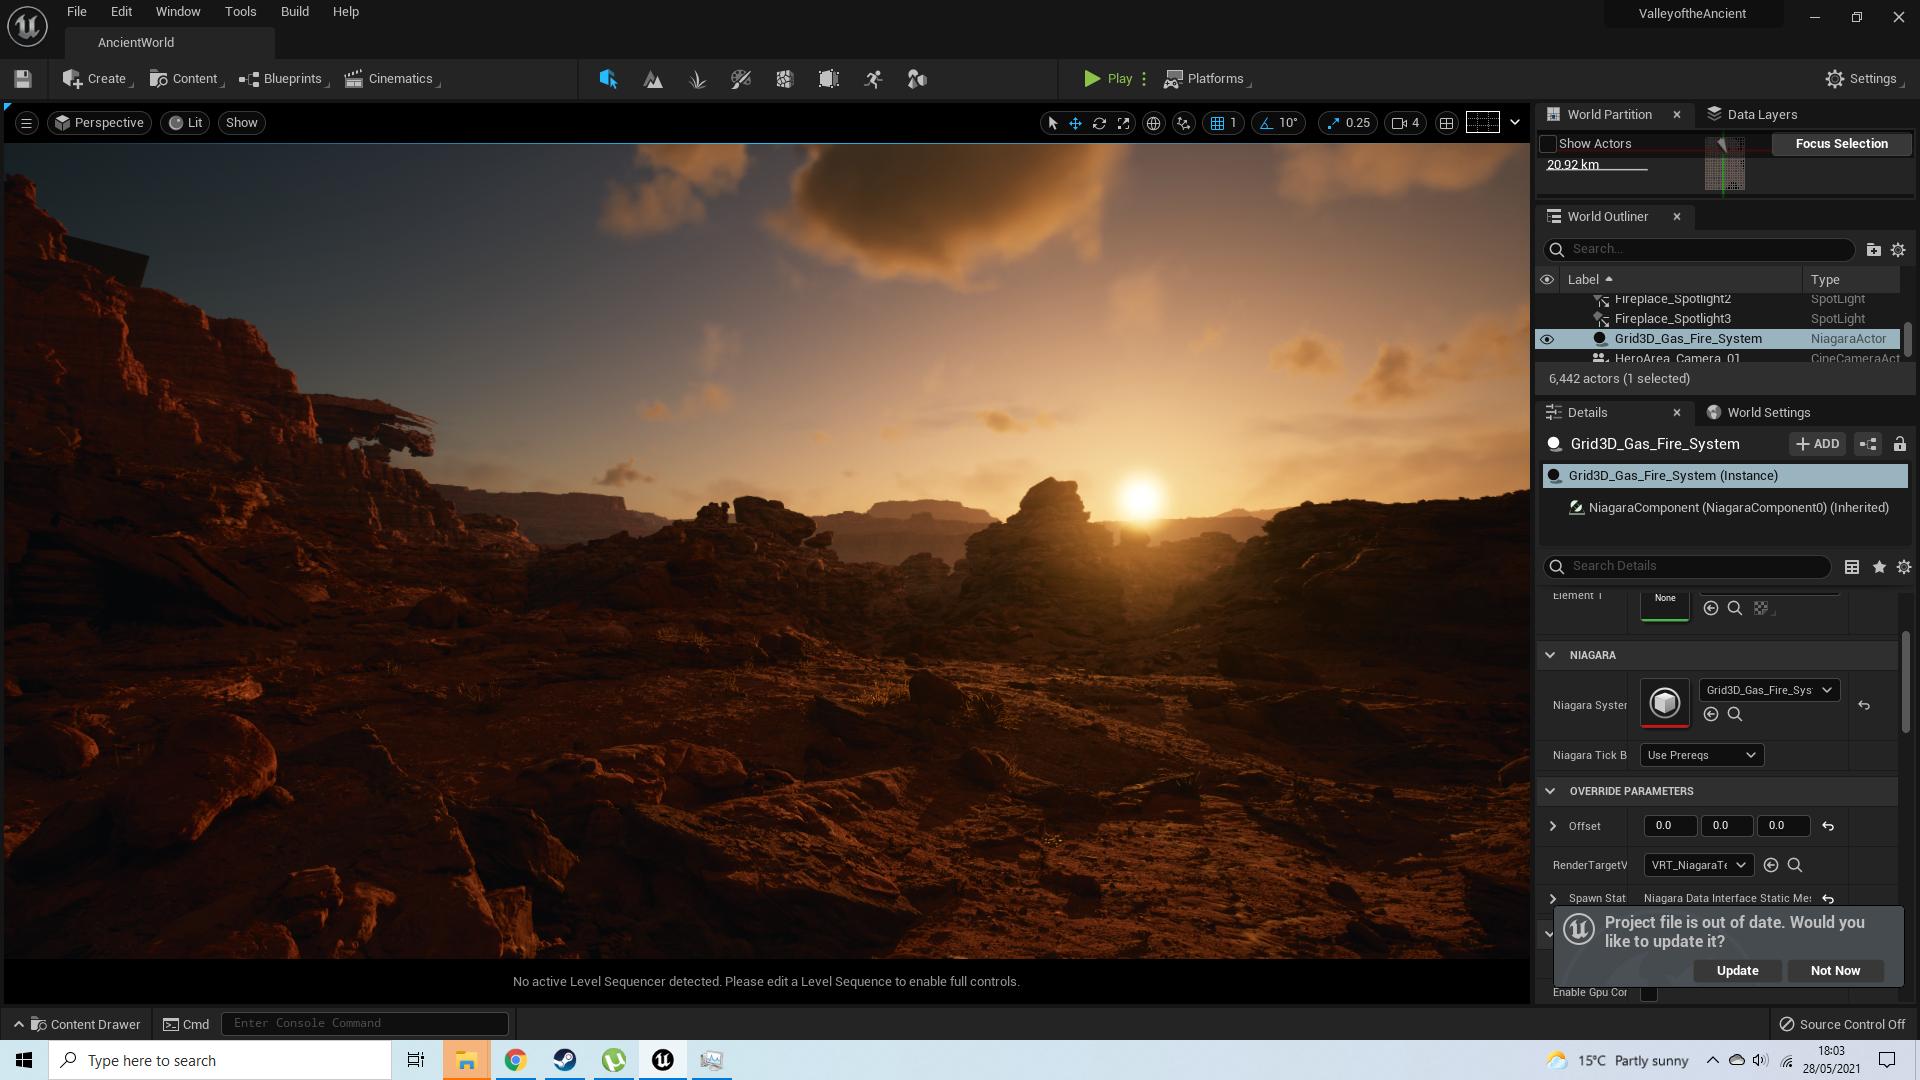 desktopscreenshot2021d1kfg.png